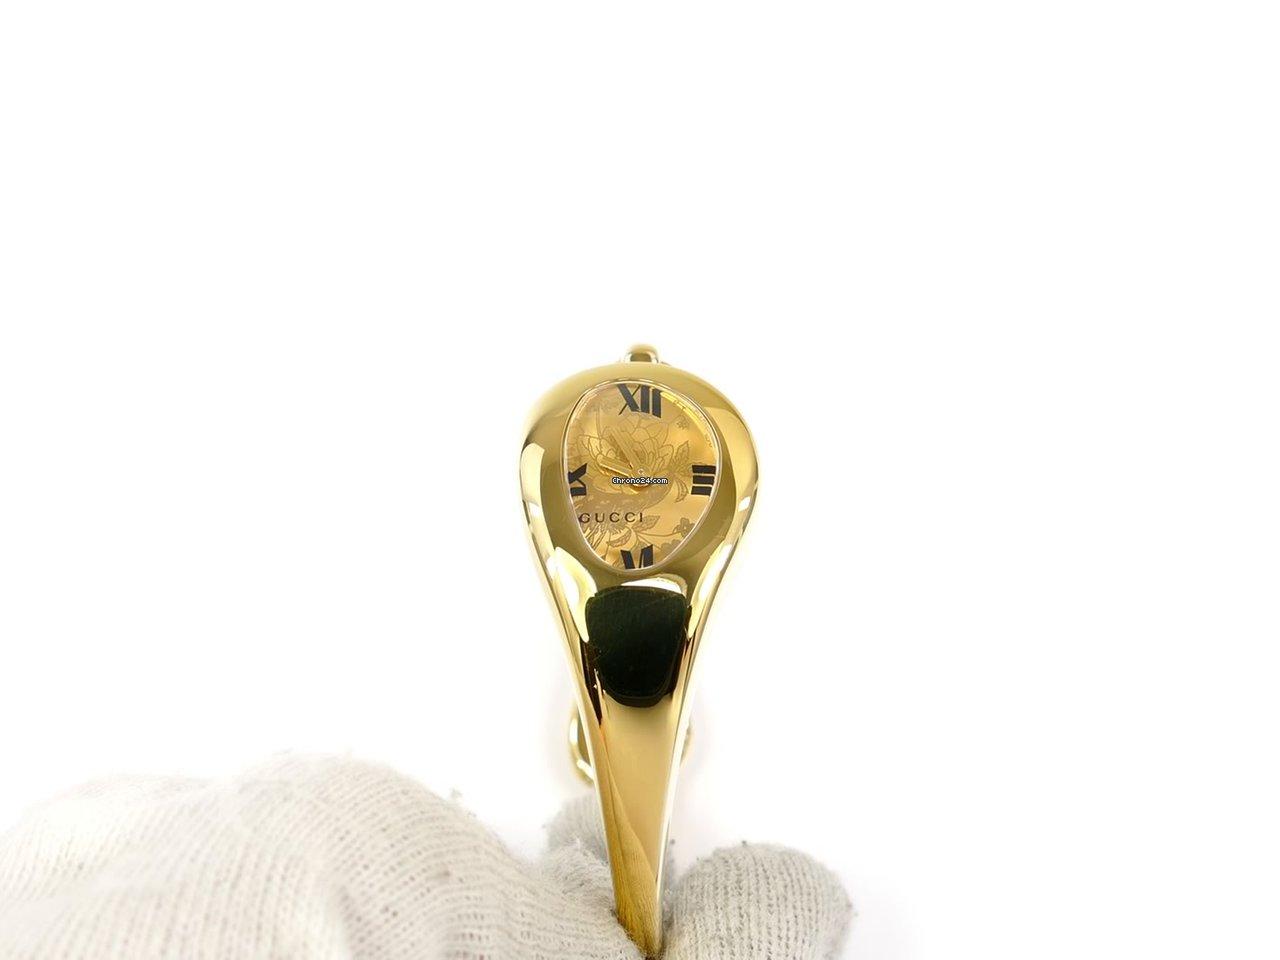 8cbf34b5e1d Gucci Horsebit 103 Champagne YA103534 18k Gold Plated für 383 € kaufen von  einem Trusted Seller auf Chrono24